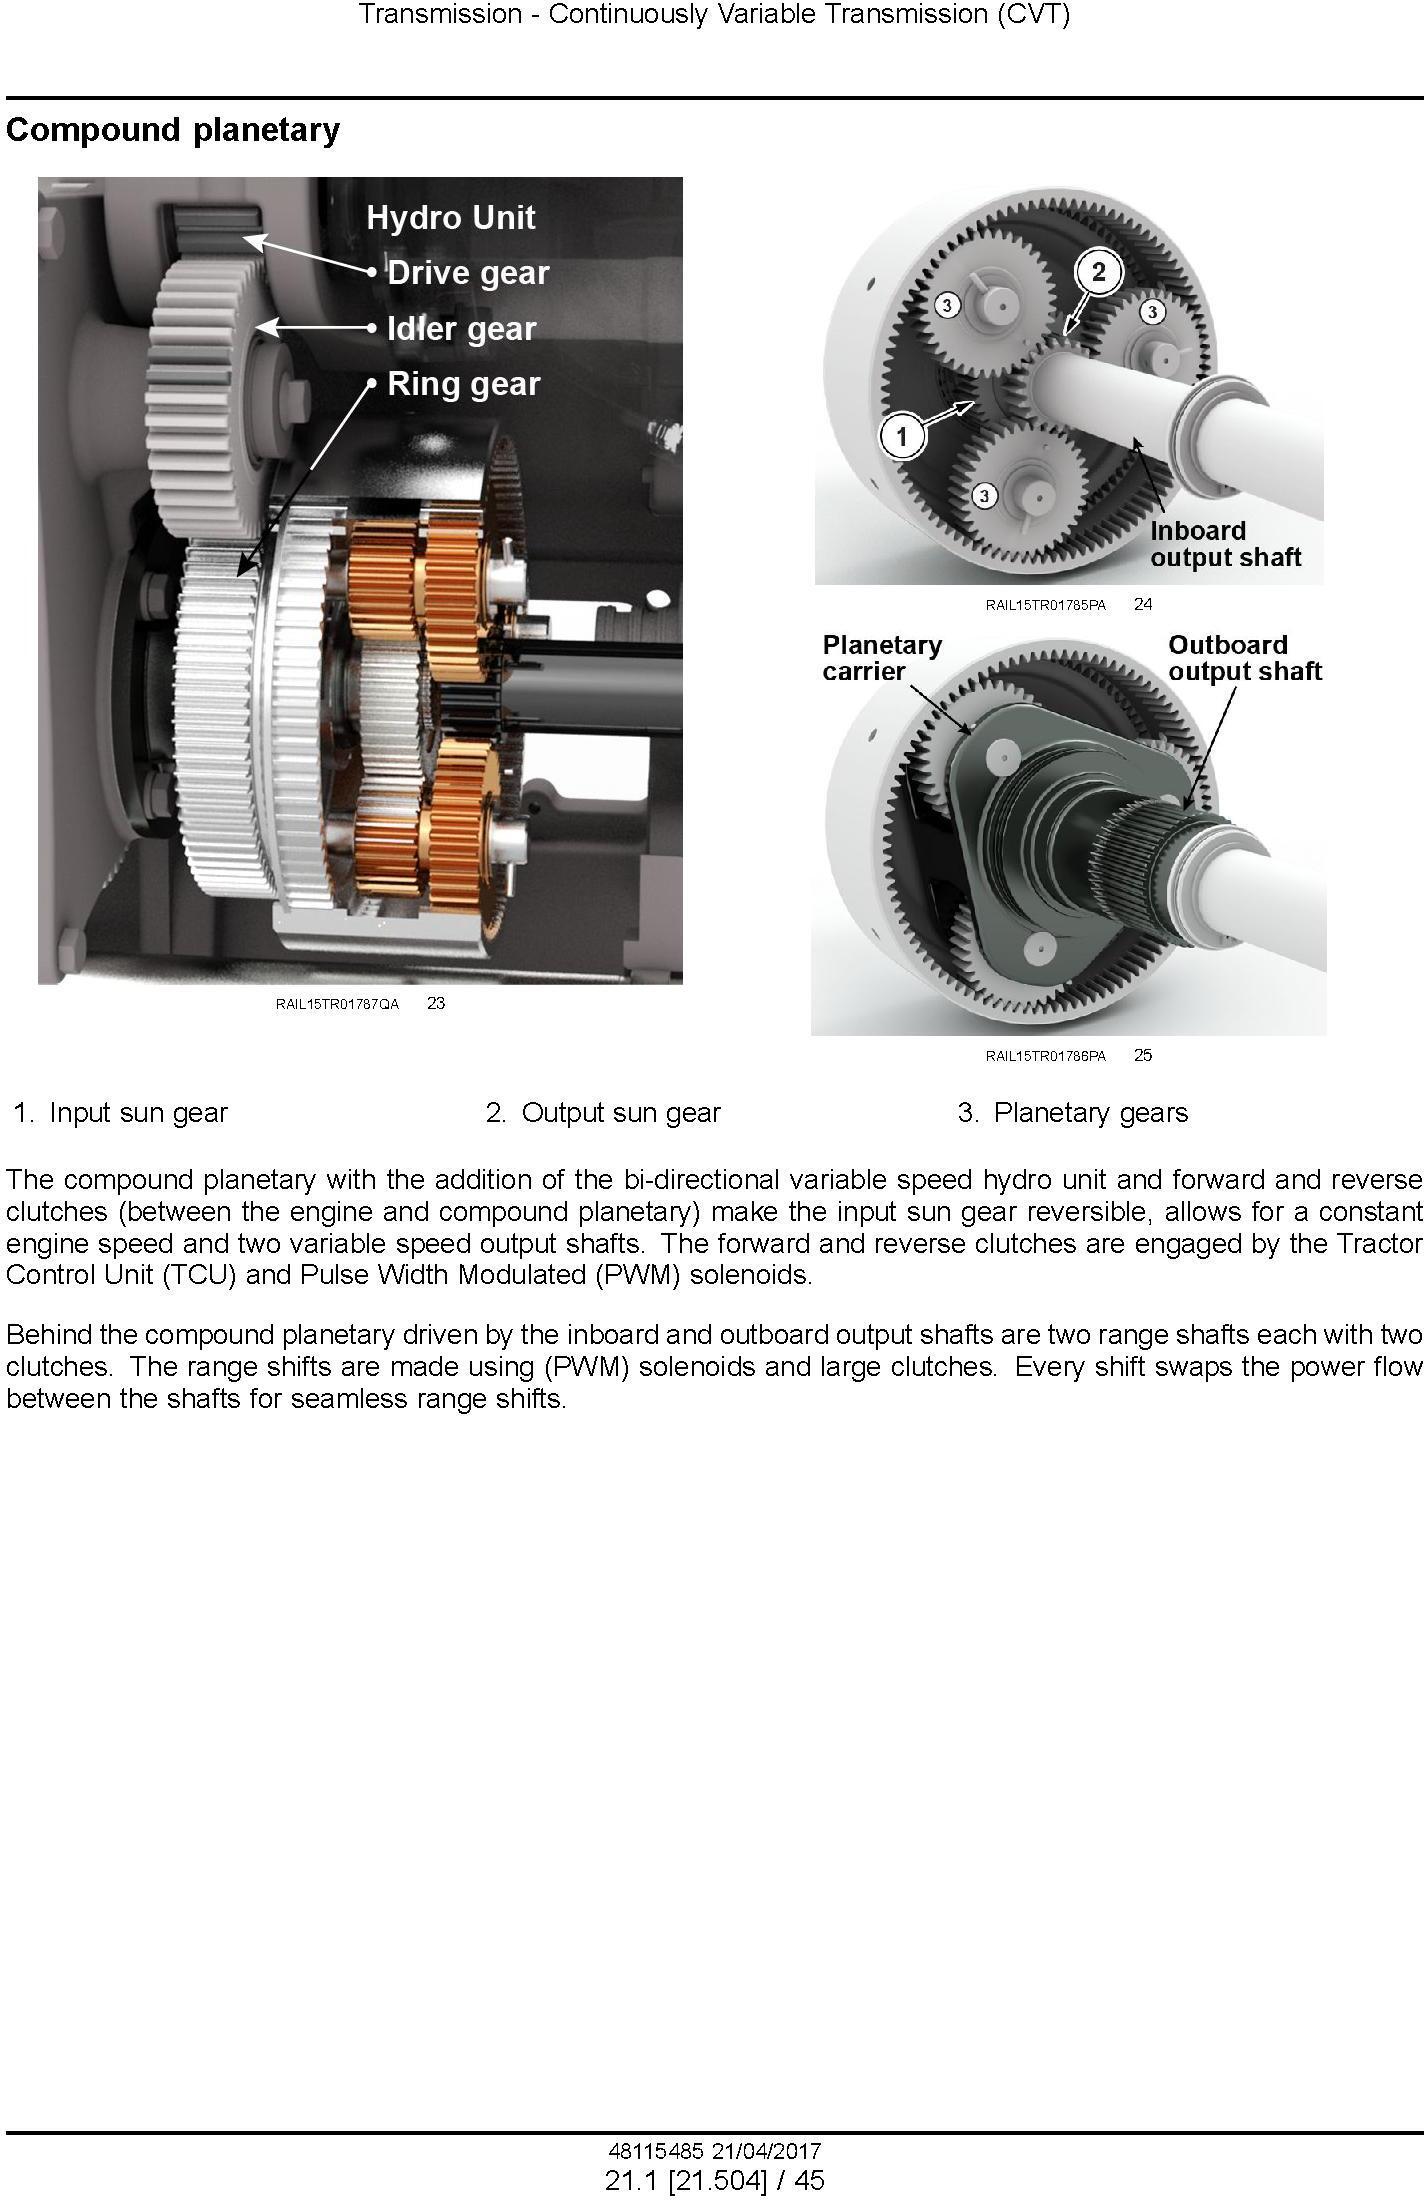 New Holland T8.320, T8.350, T8.380, T8.410, T8.435 and SmartTrax Tractors w.CVT Service Manual (EU) - 3